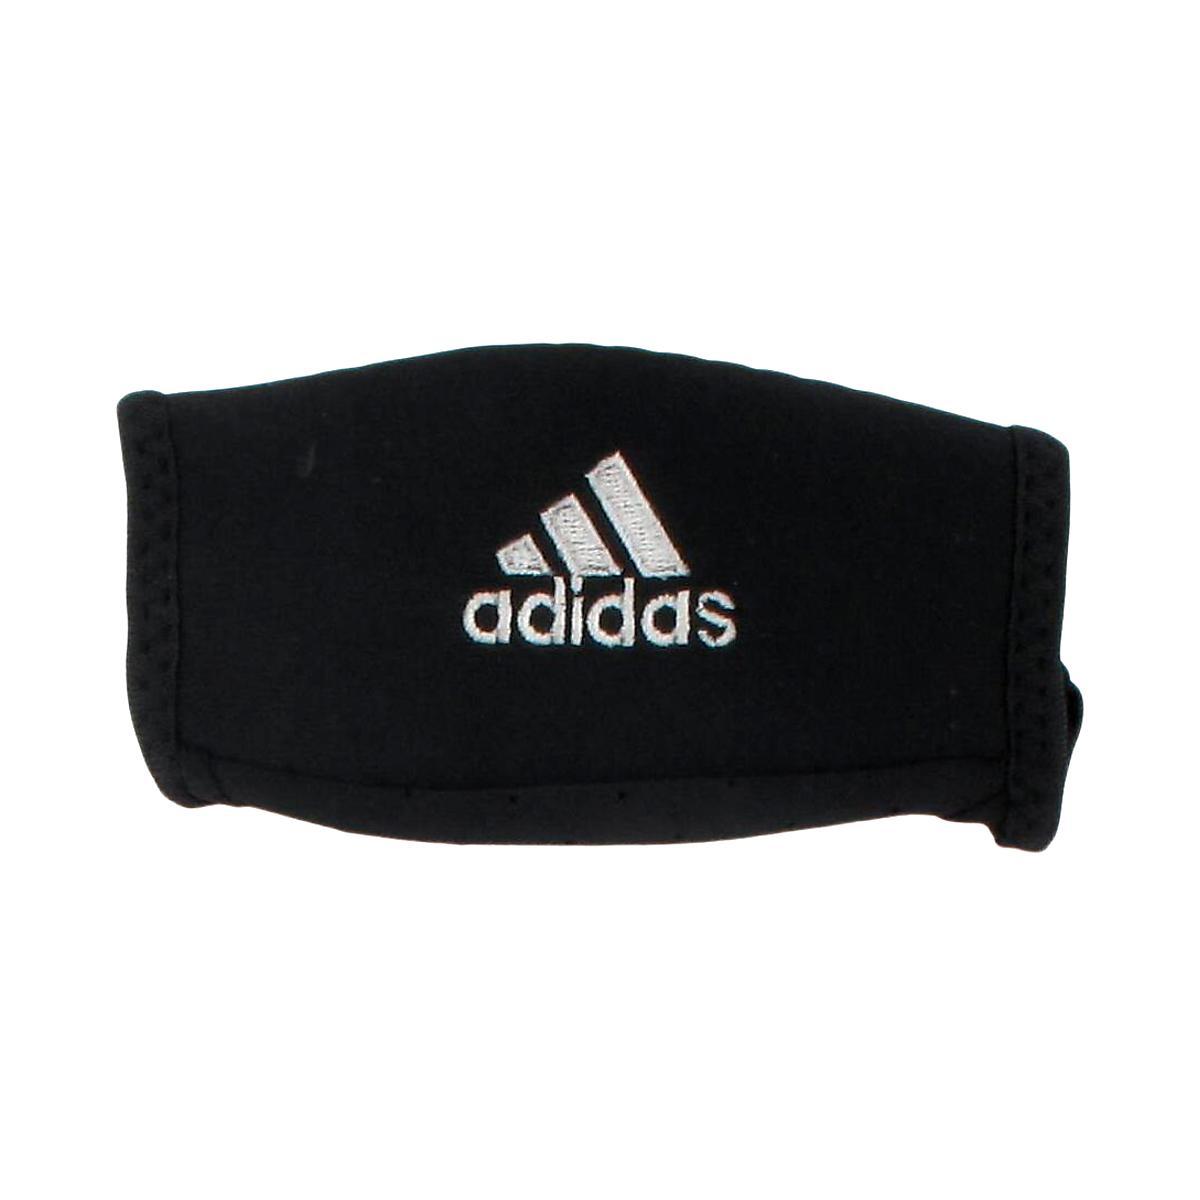 adidas�Football Chin Strap Pad